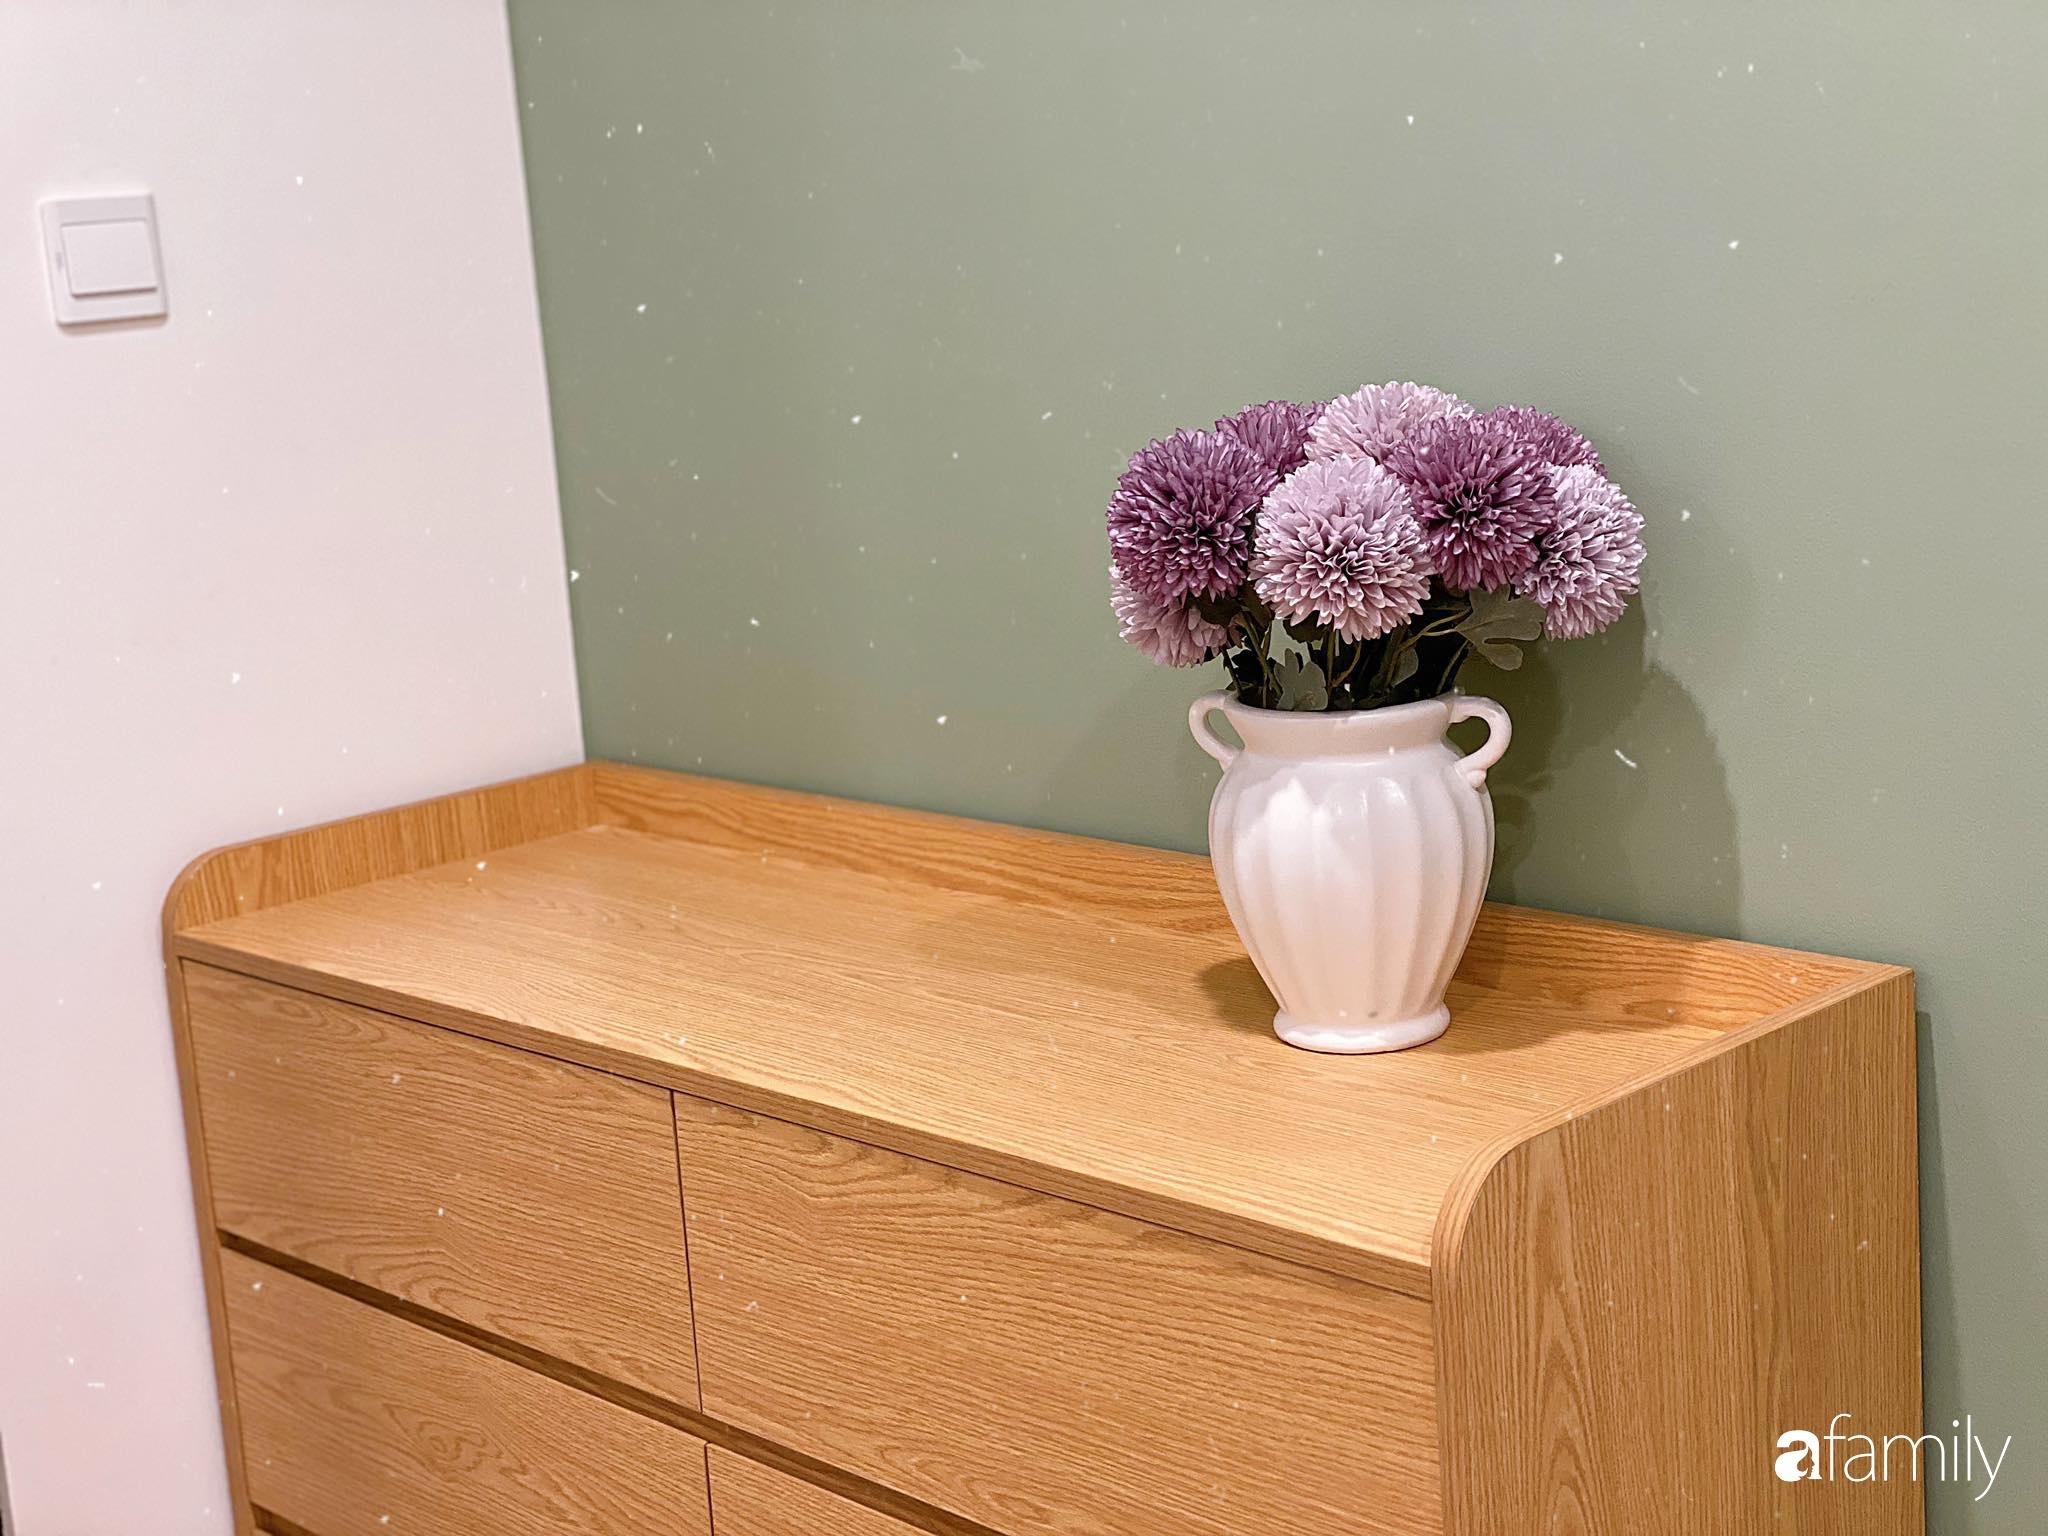 Căn hộ 59m² màu xanh lá xua tan nóng bức mùa hè có chi phí hoàn thiện 225 triệu đồng ở Hà Nội - Ảnh 6.